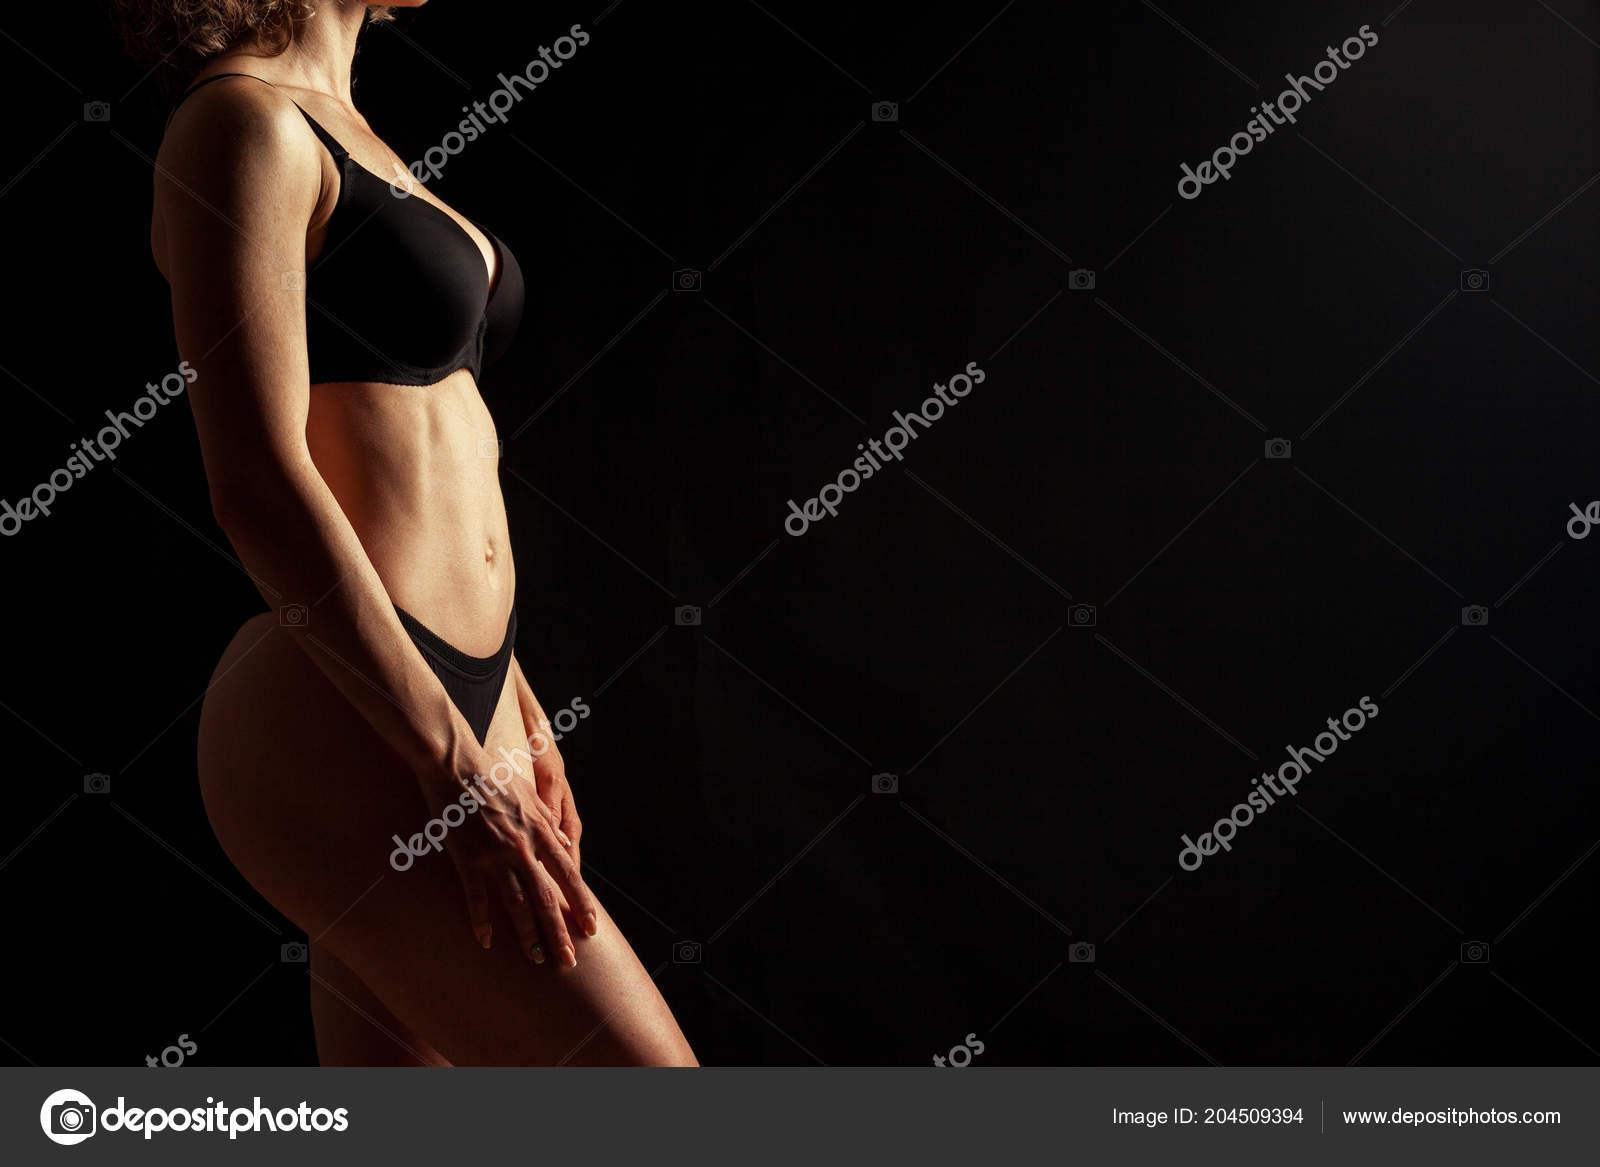 Женщина голая на черном фоне 6